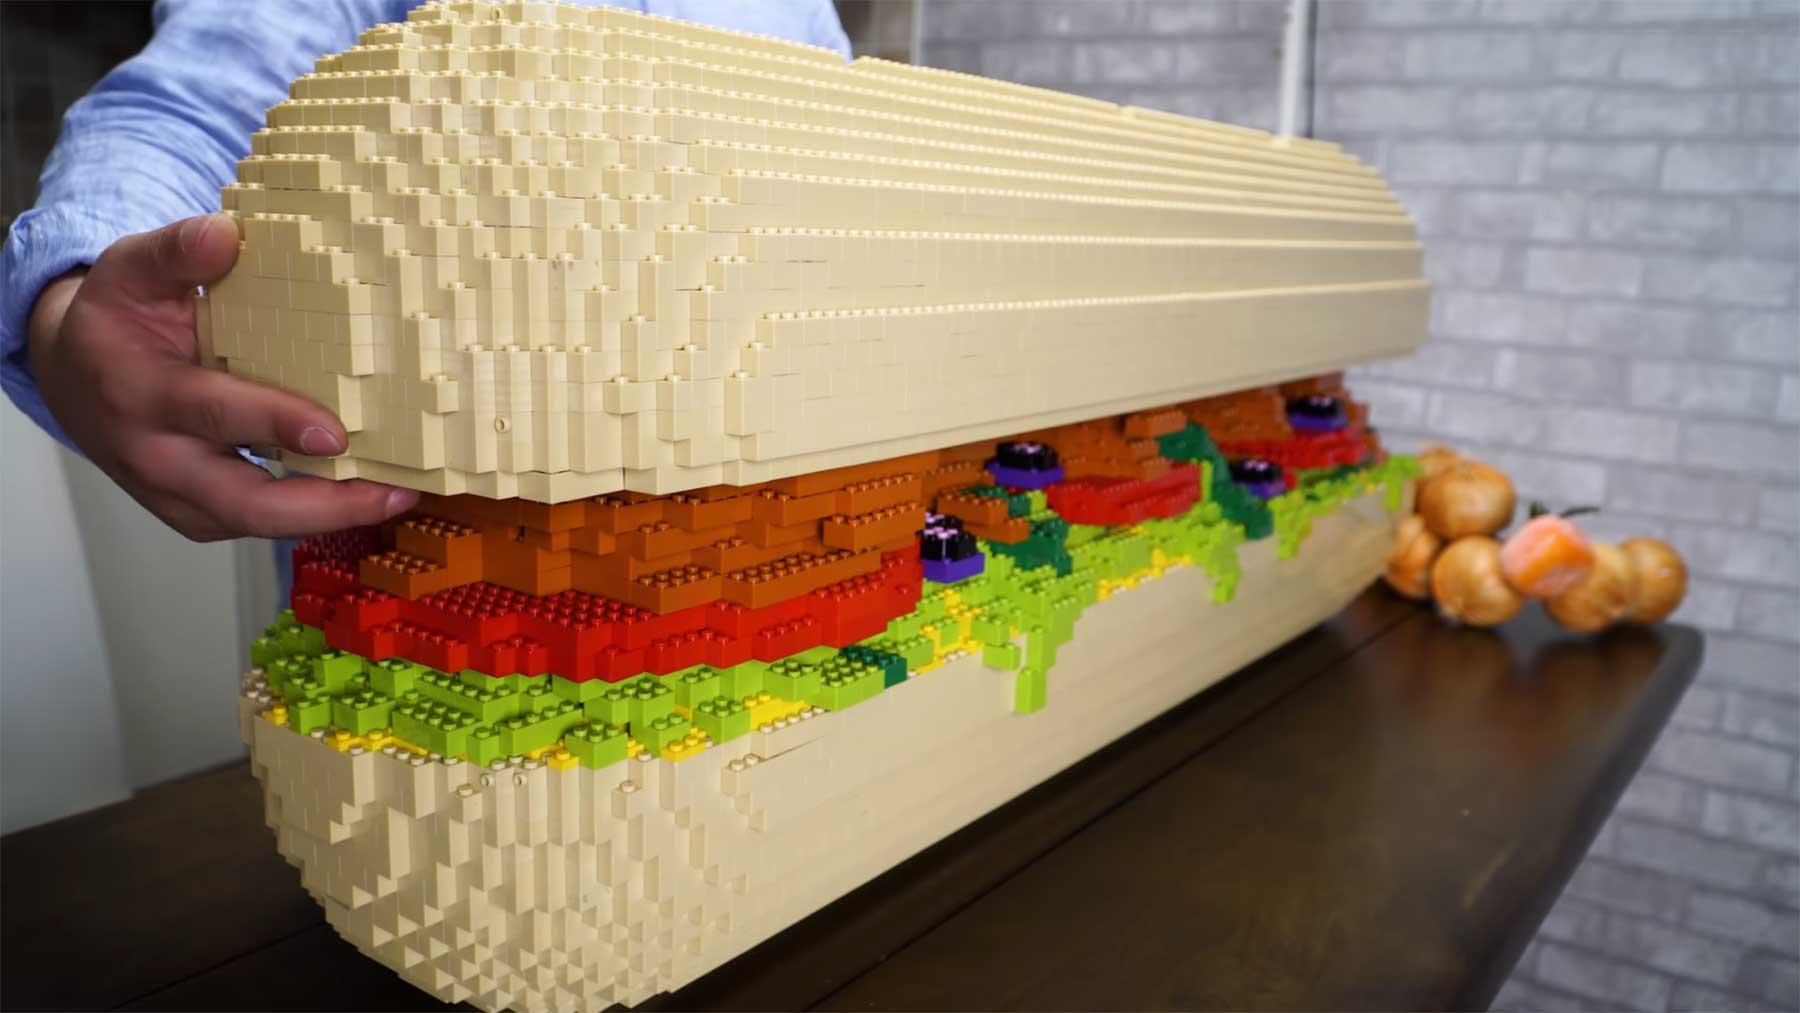 Bebop belegt ein gigantisches LEGO-Sandwich